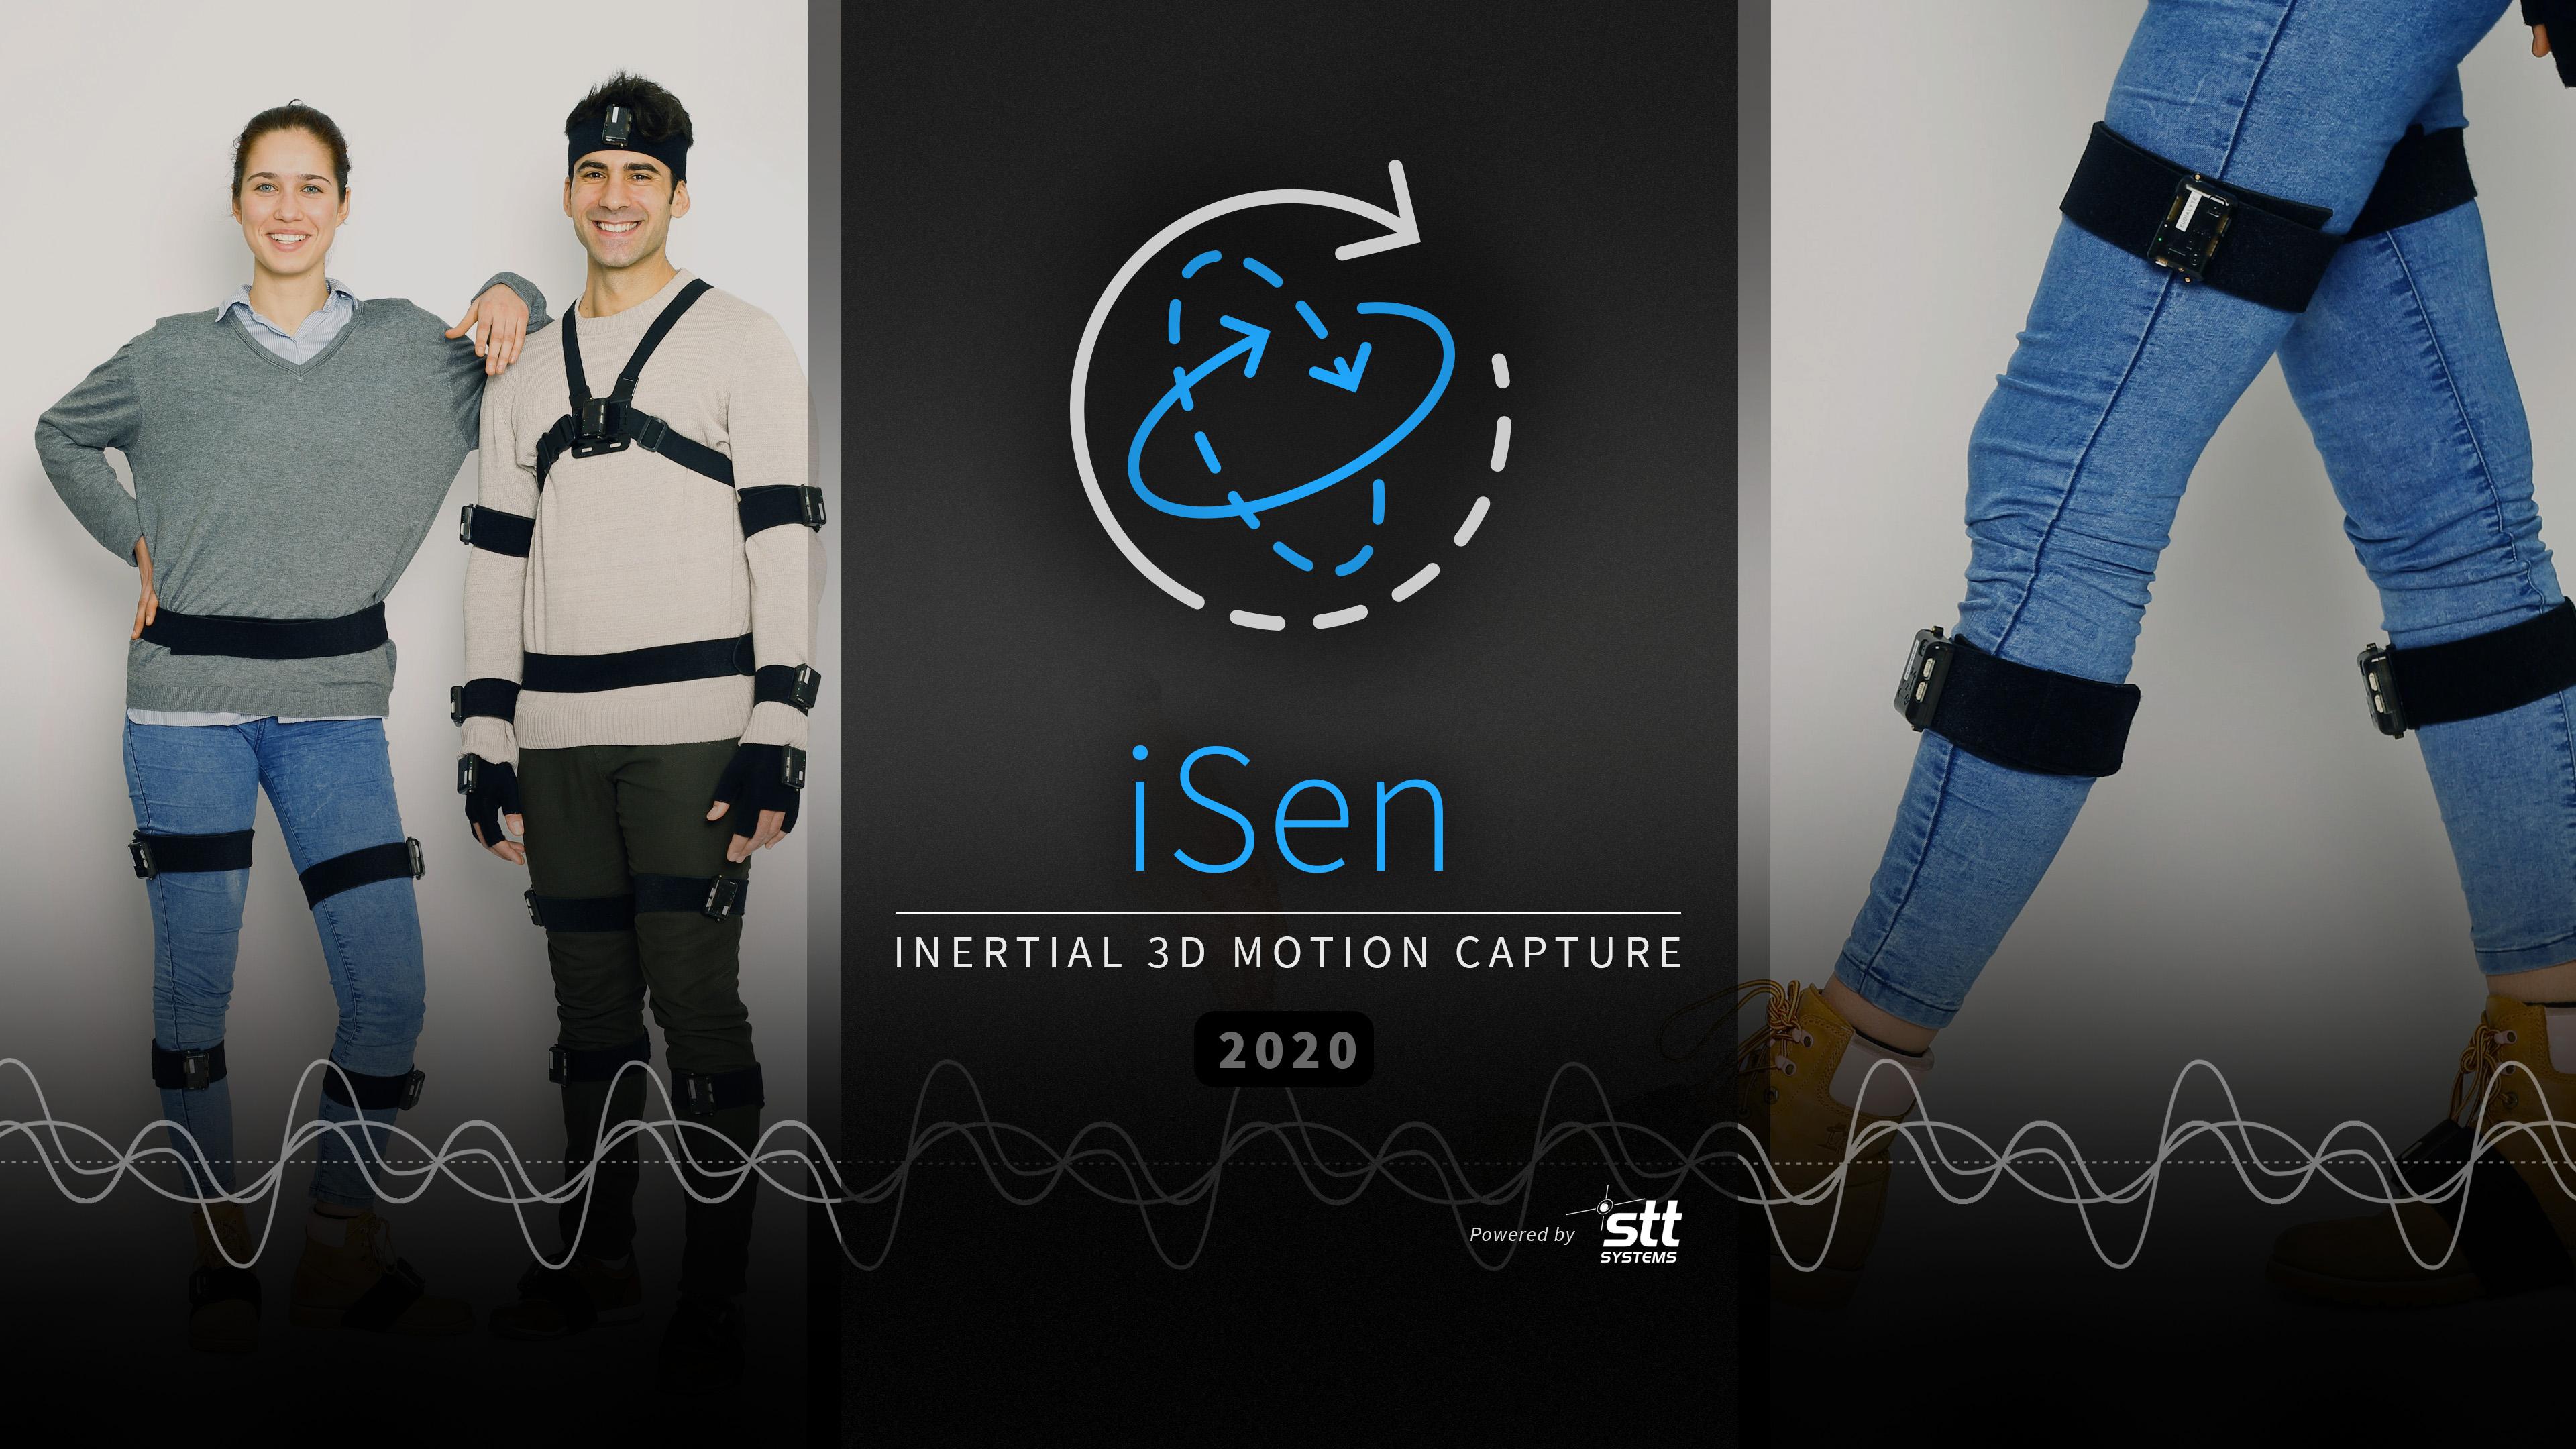 iSen-2020-splash-2.jpg